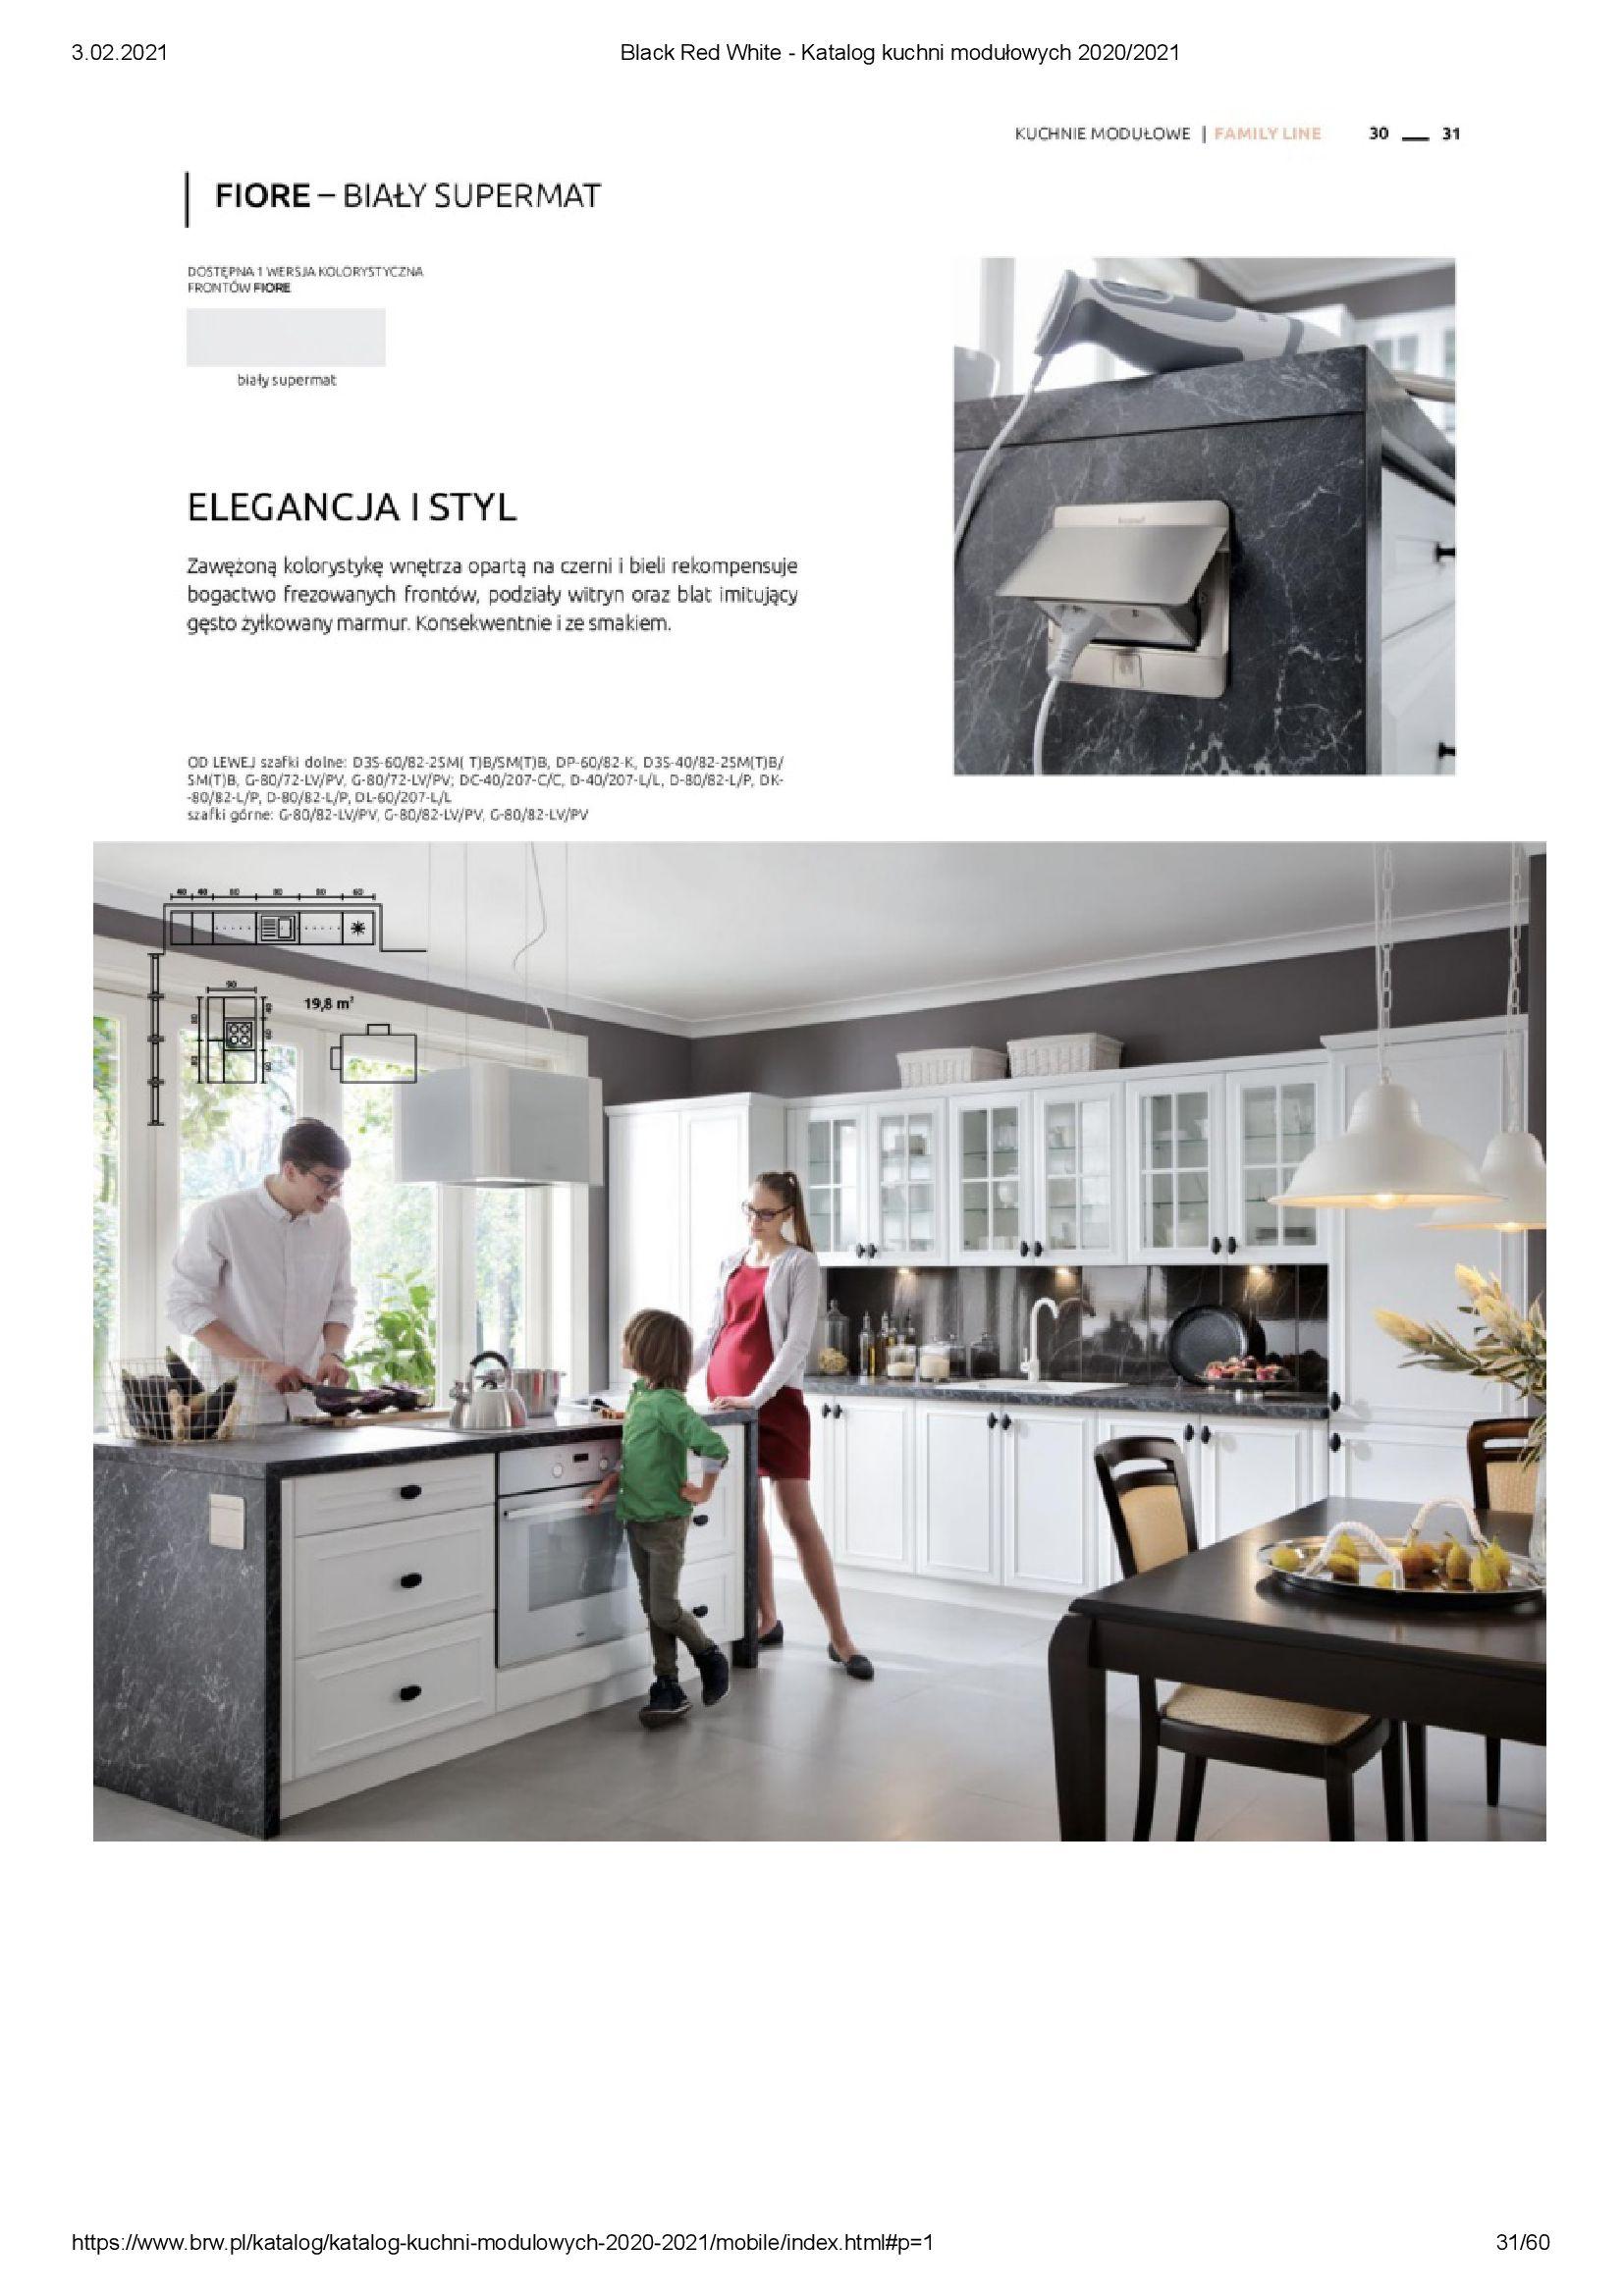 Gazetka Black Red White: Katalog - Kuchnie modułowe 2020/2021 2021-01-01 page-31